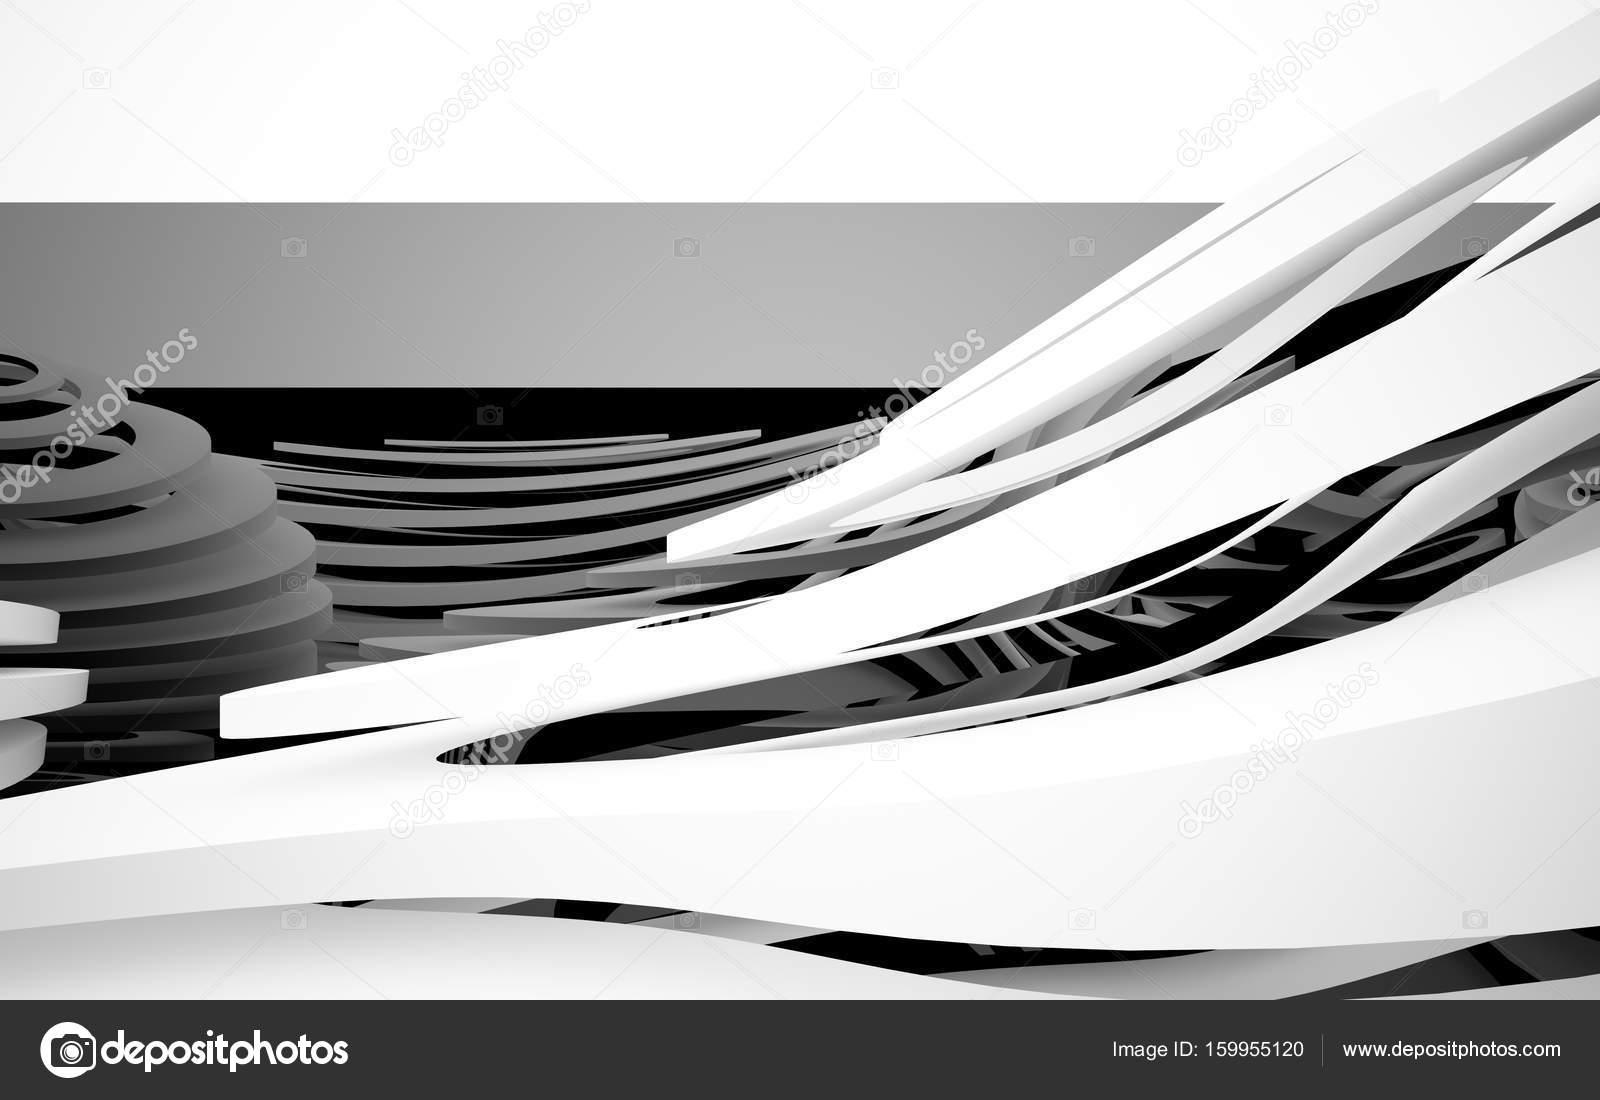 Φωτογραφίες του μεγάλο μαύρο λεία